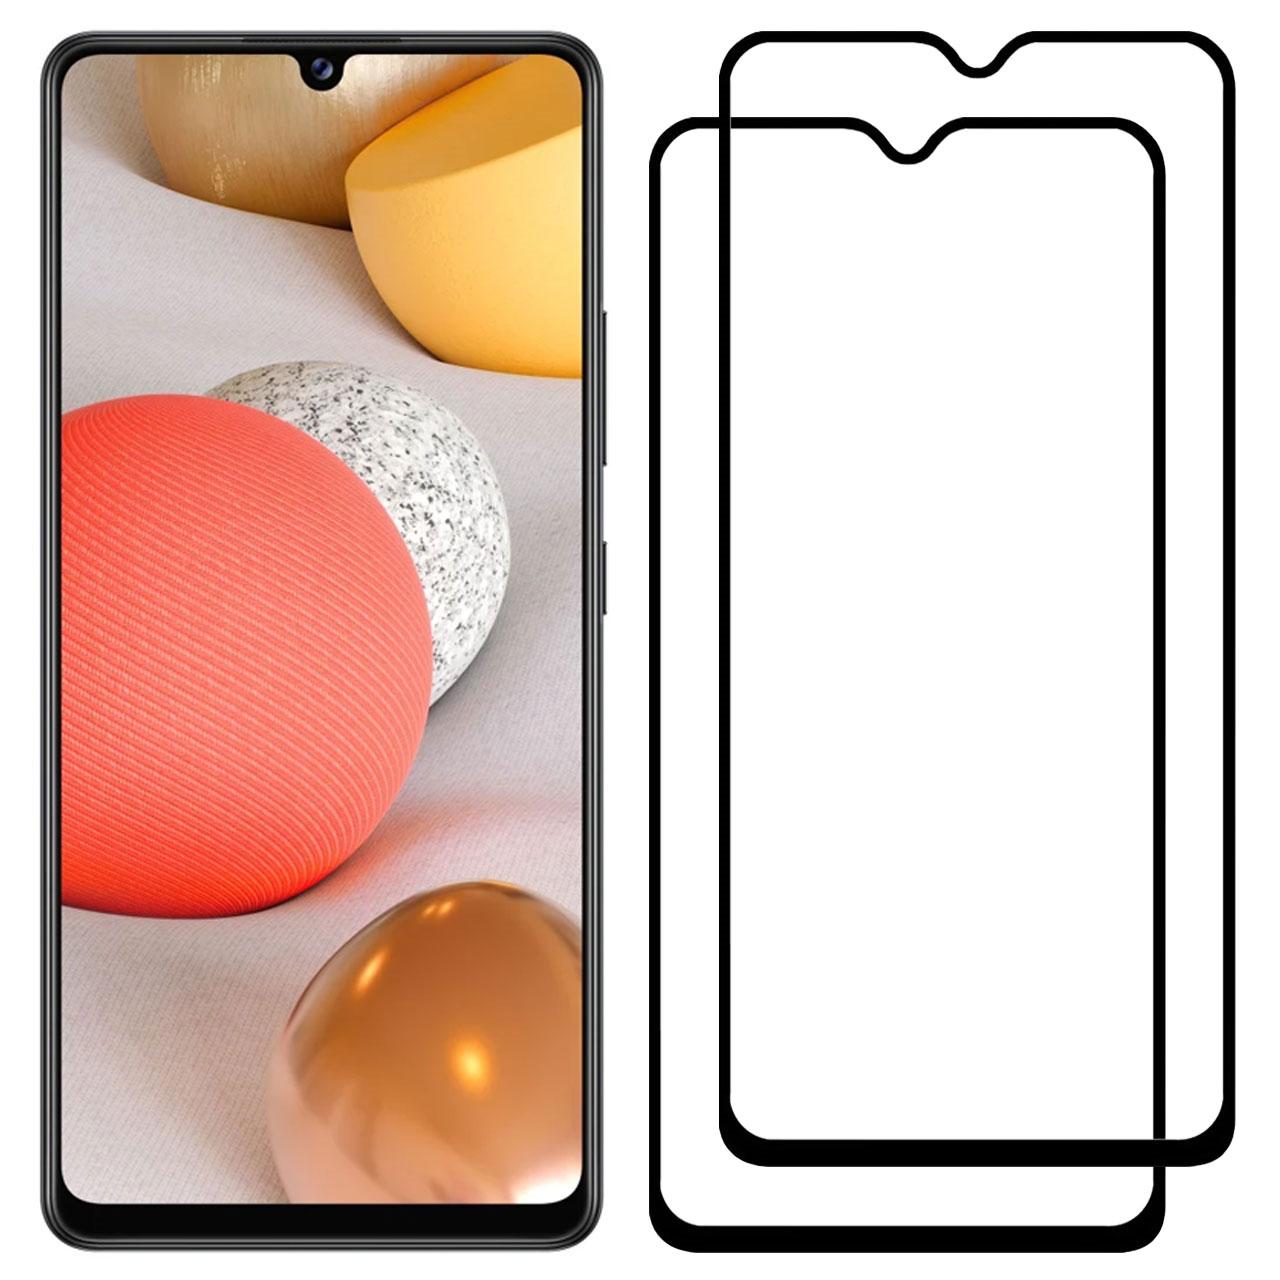 محافظ صفحه نمایش مدل FCG مناسب برای گوشی موبایل سامسونگ Galaxy A42 بسته دو عددی